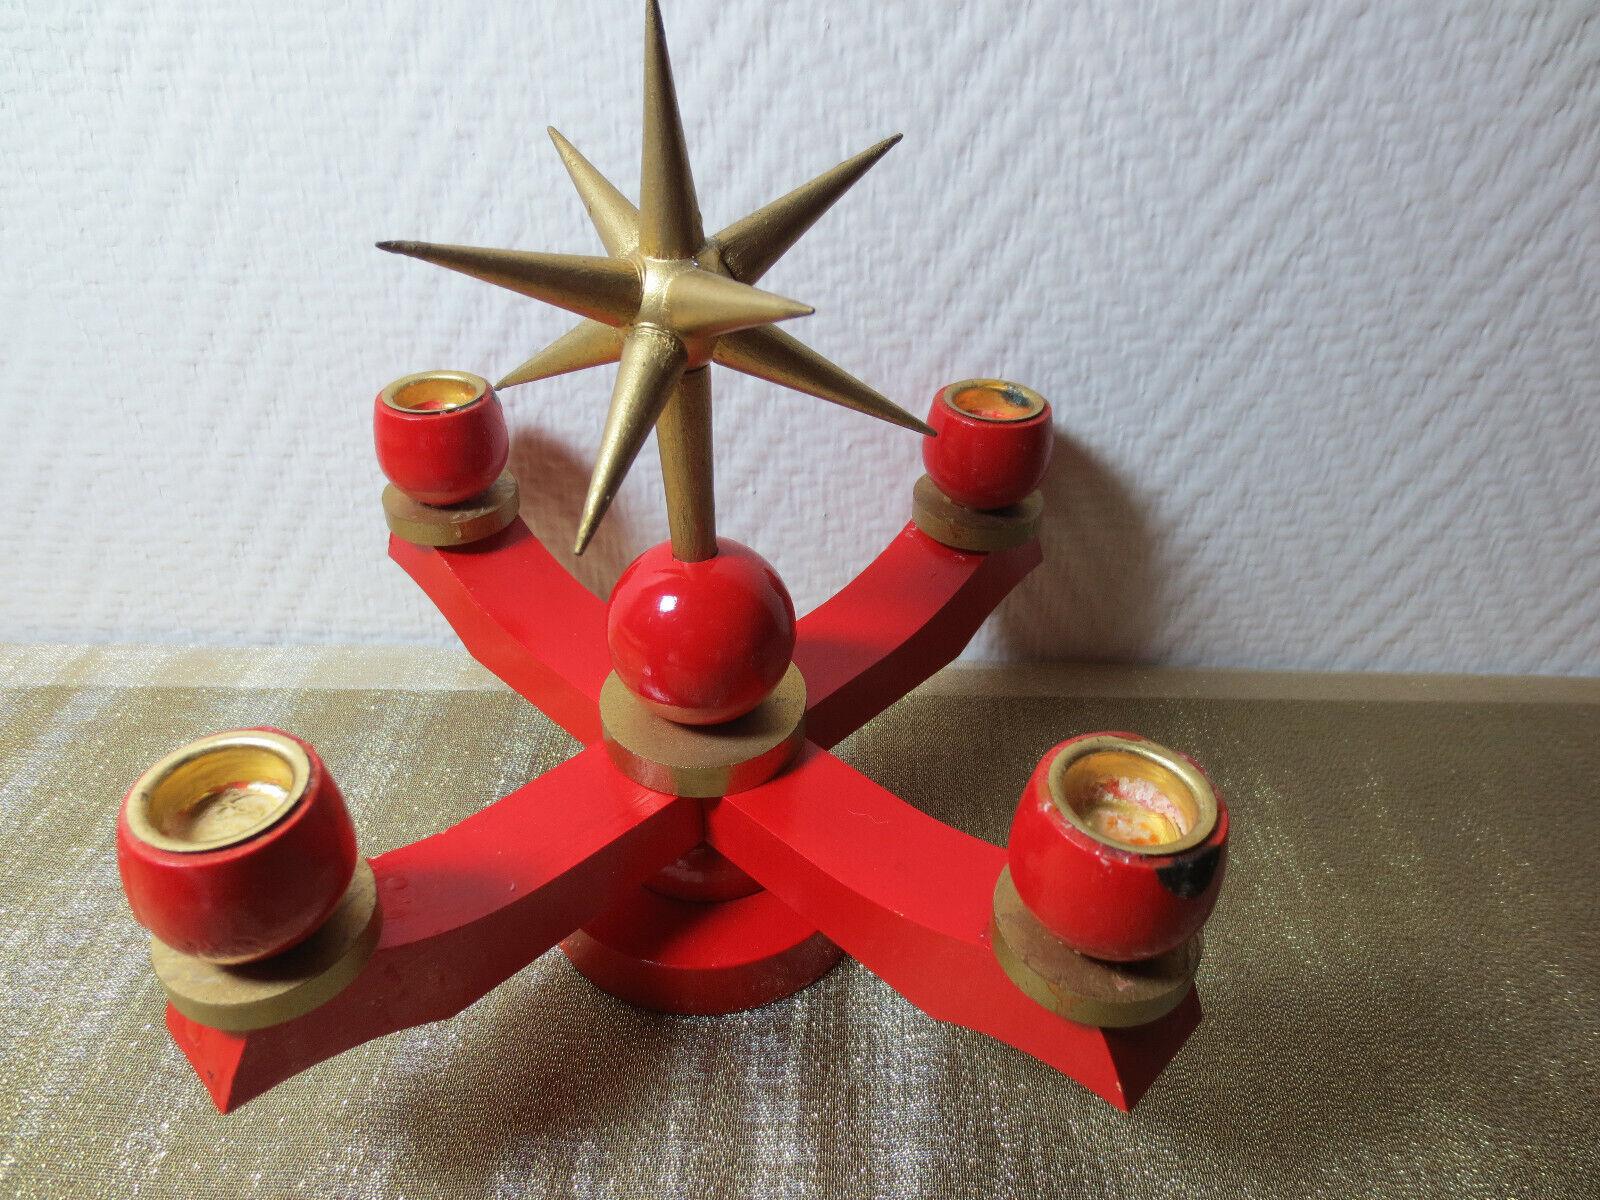 Erzgebirge kleiner, schöner Adventskerzenhalter, rot mit Prachtstern, Stern